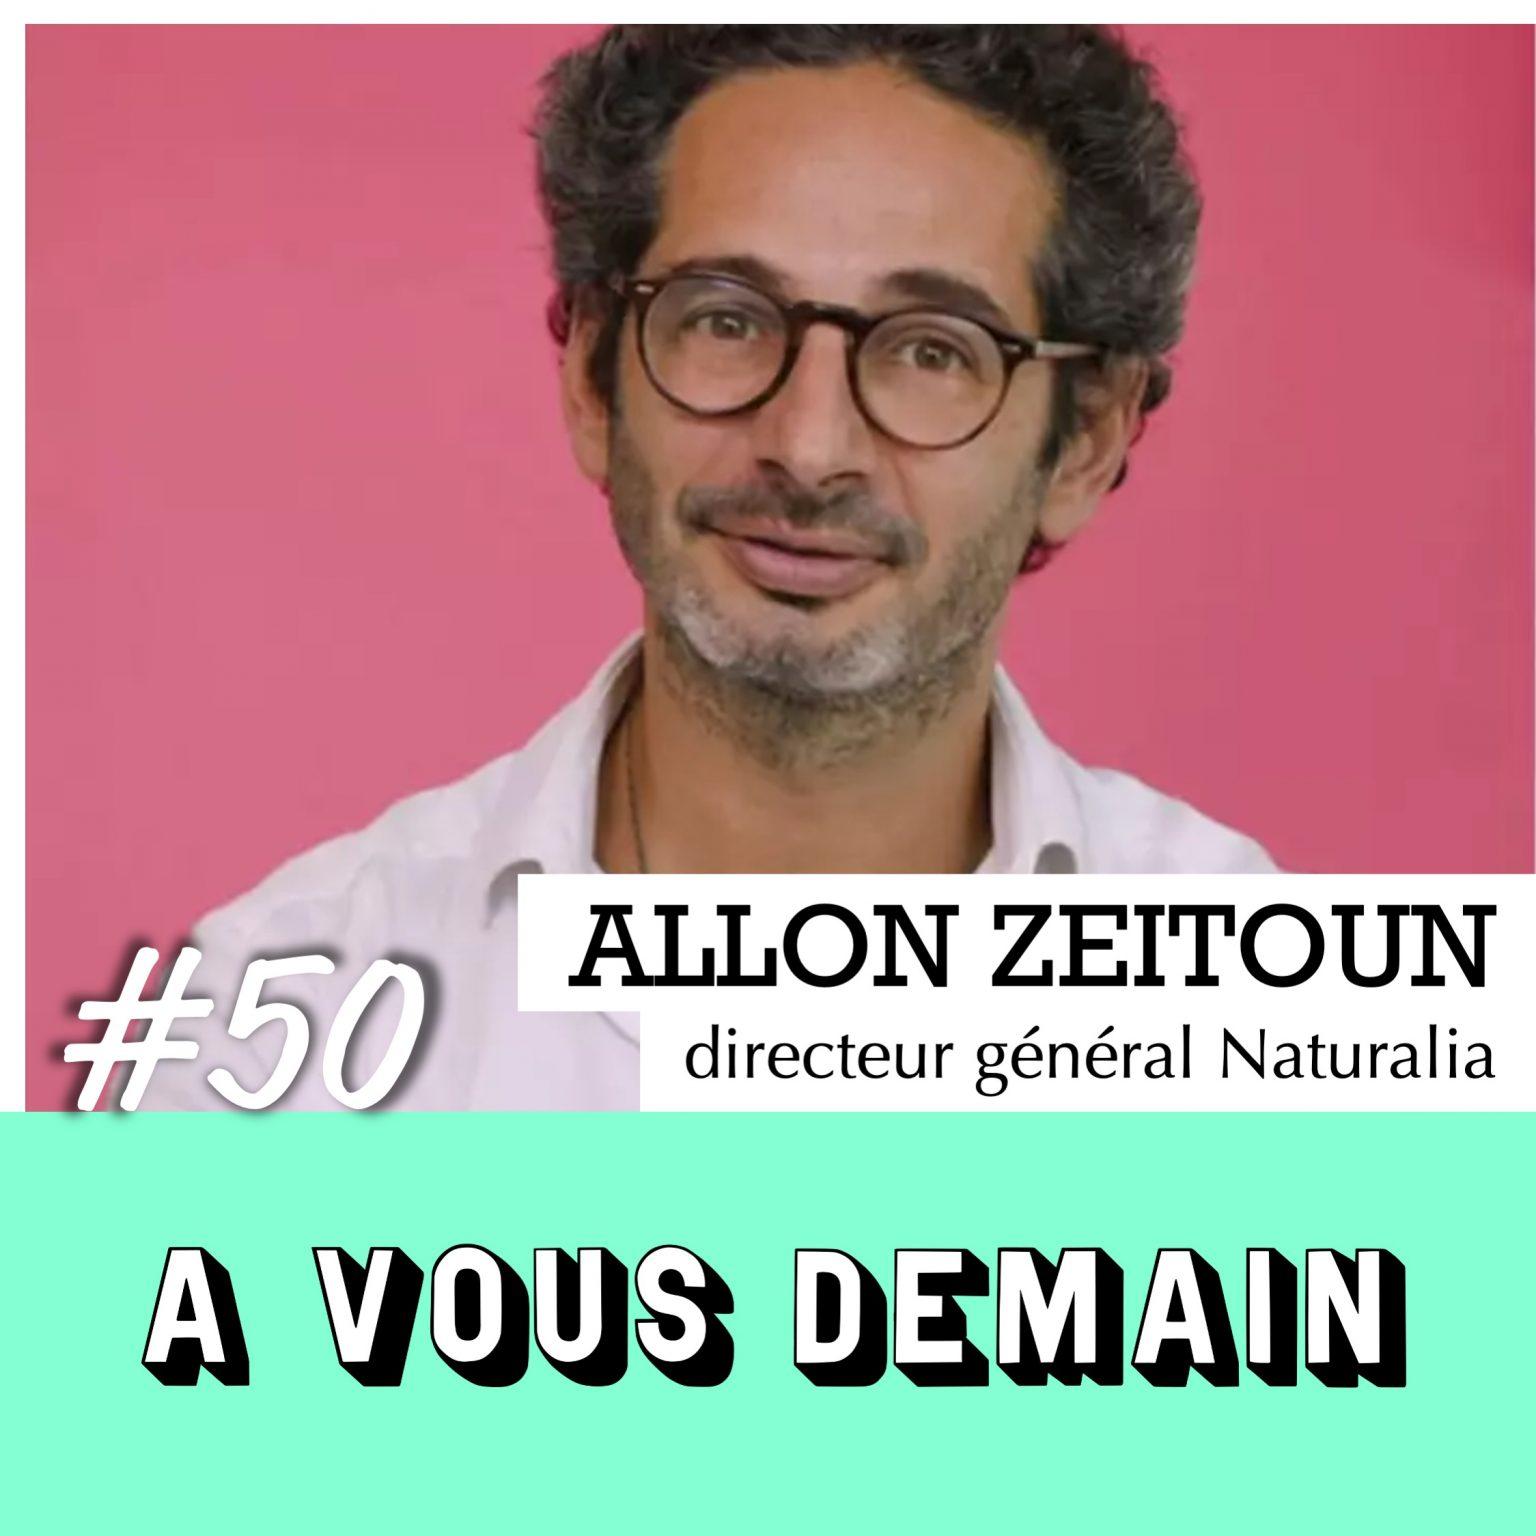 Allon Zeitoun, directeur générale de Naturalia